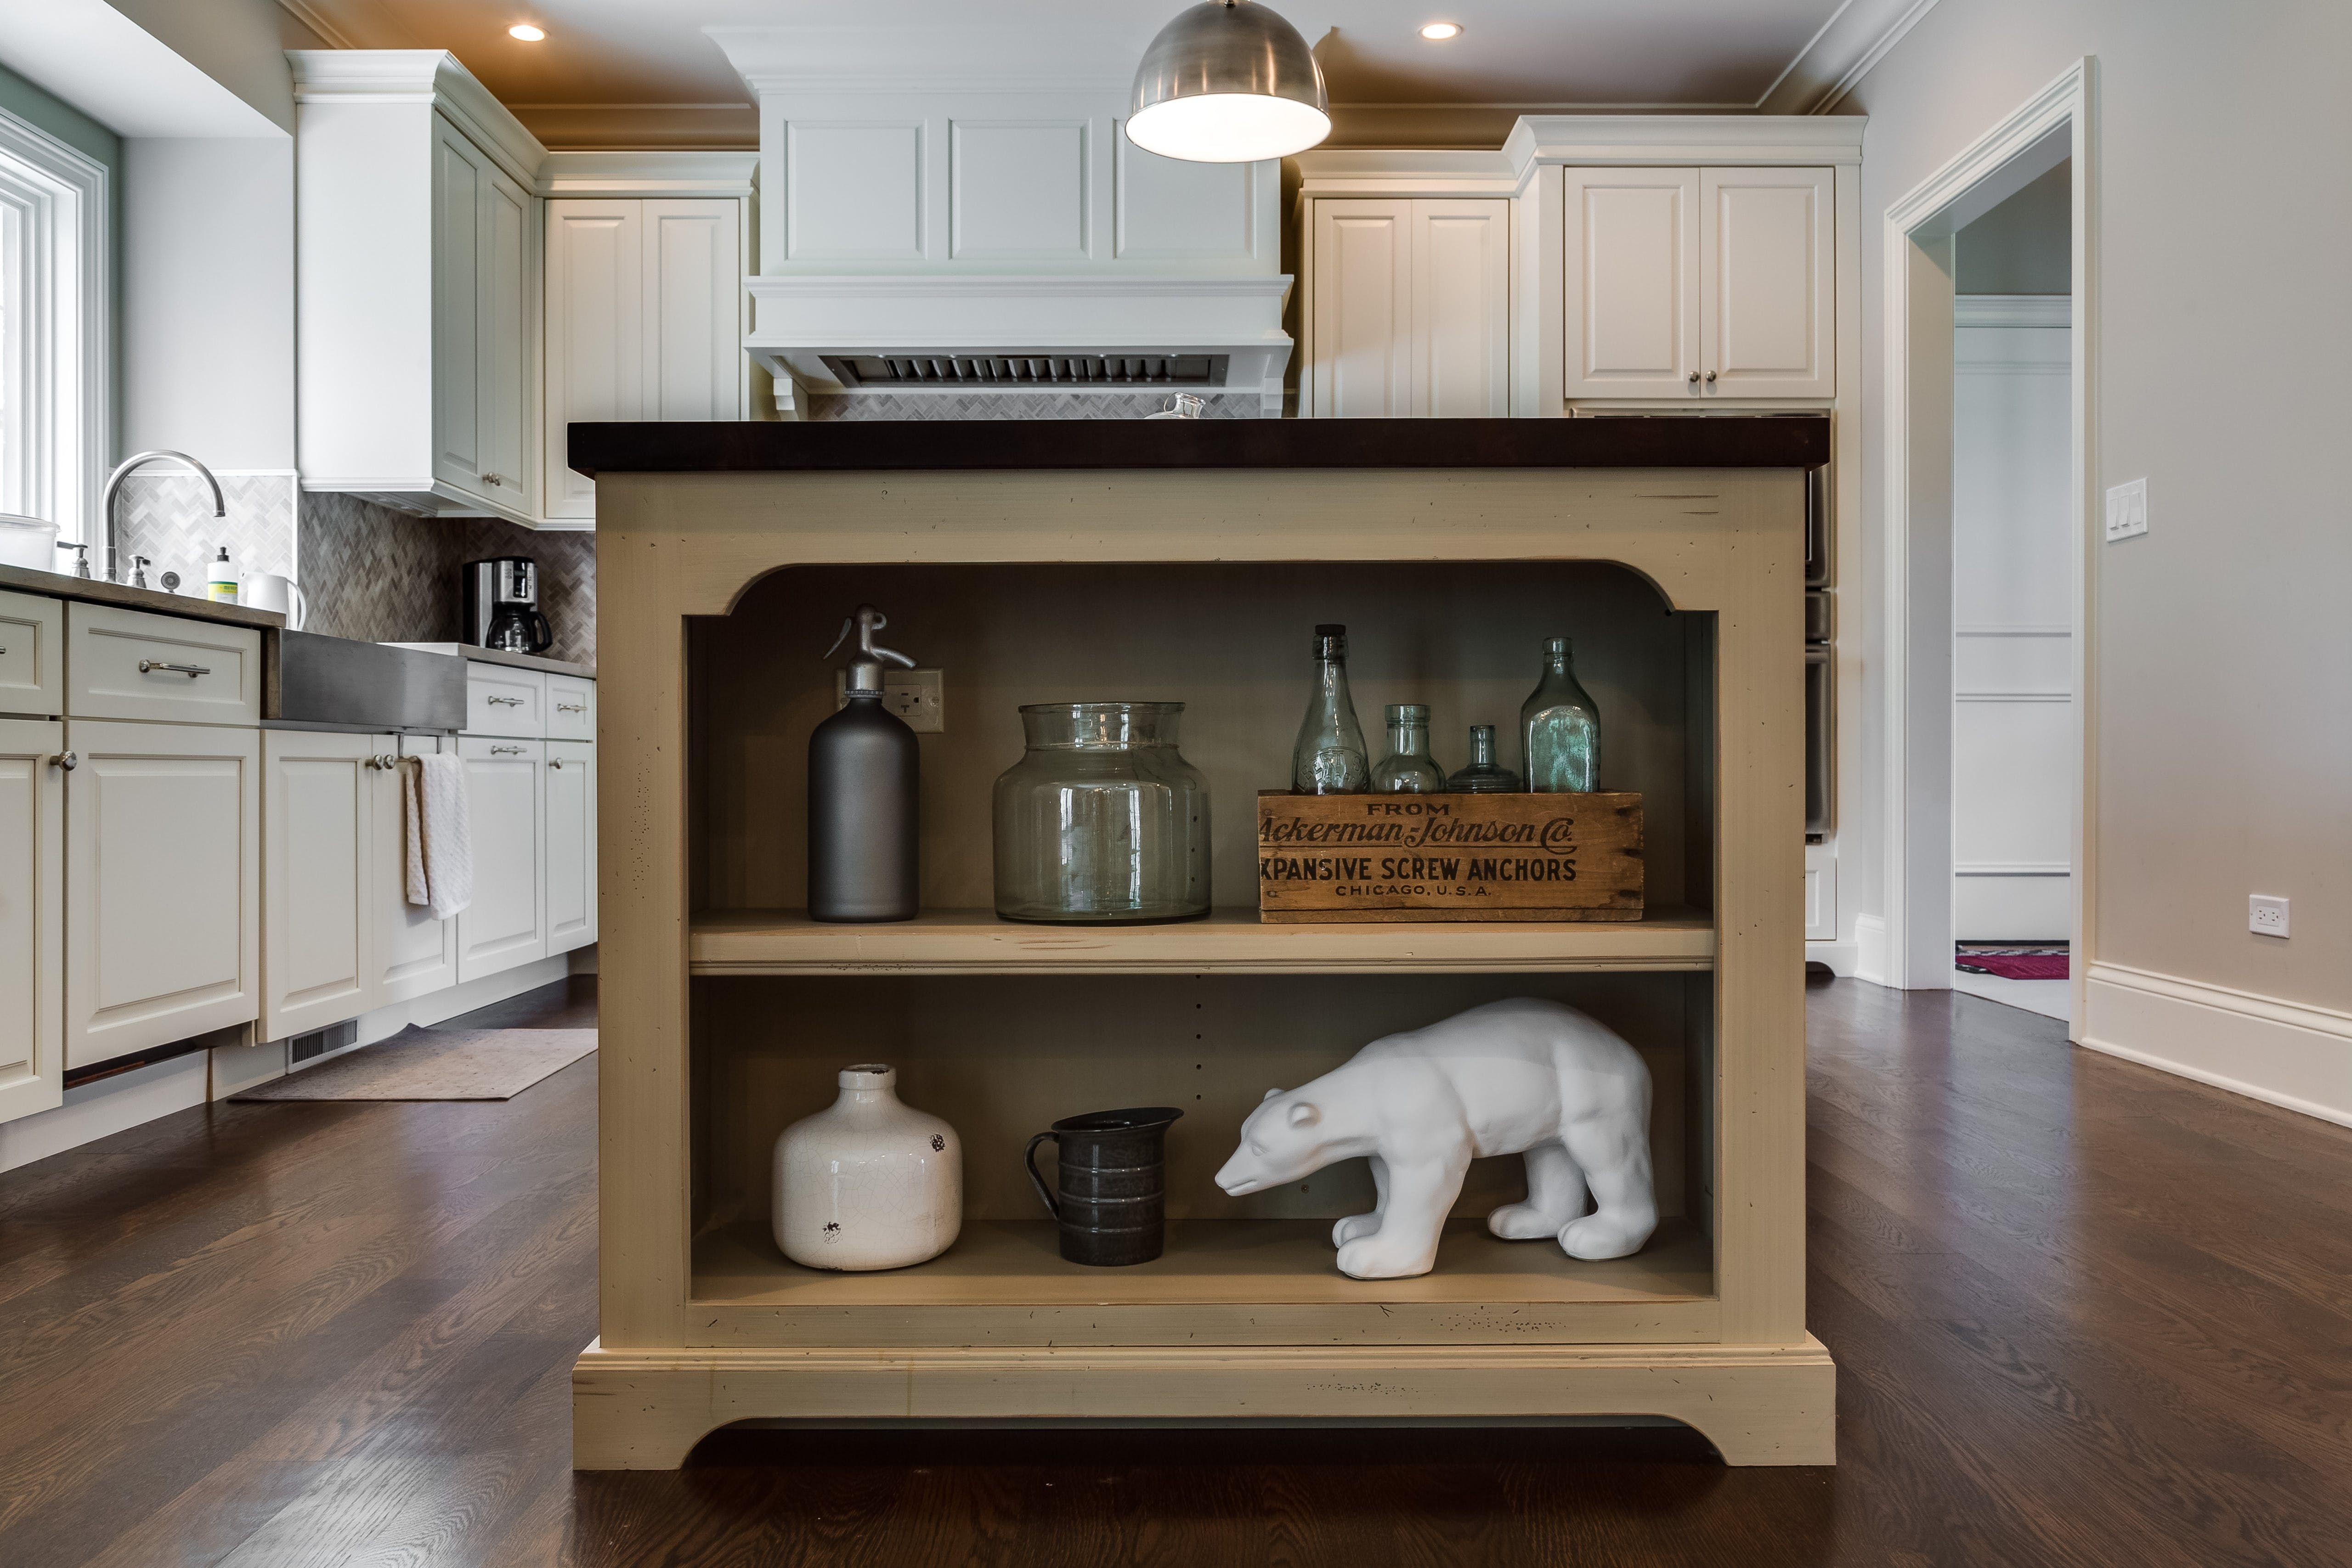 Rae.duncan.interior.design.portfolio.interiors.kitchen.vignette.design .detail.1504215230.6682127